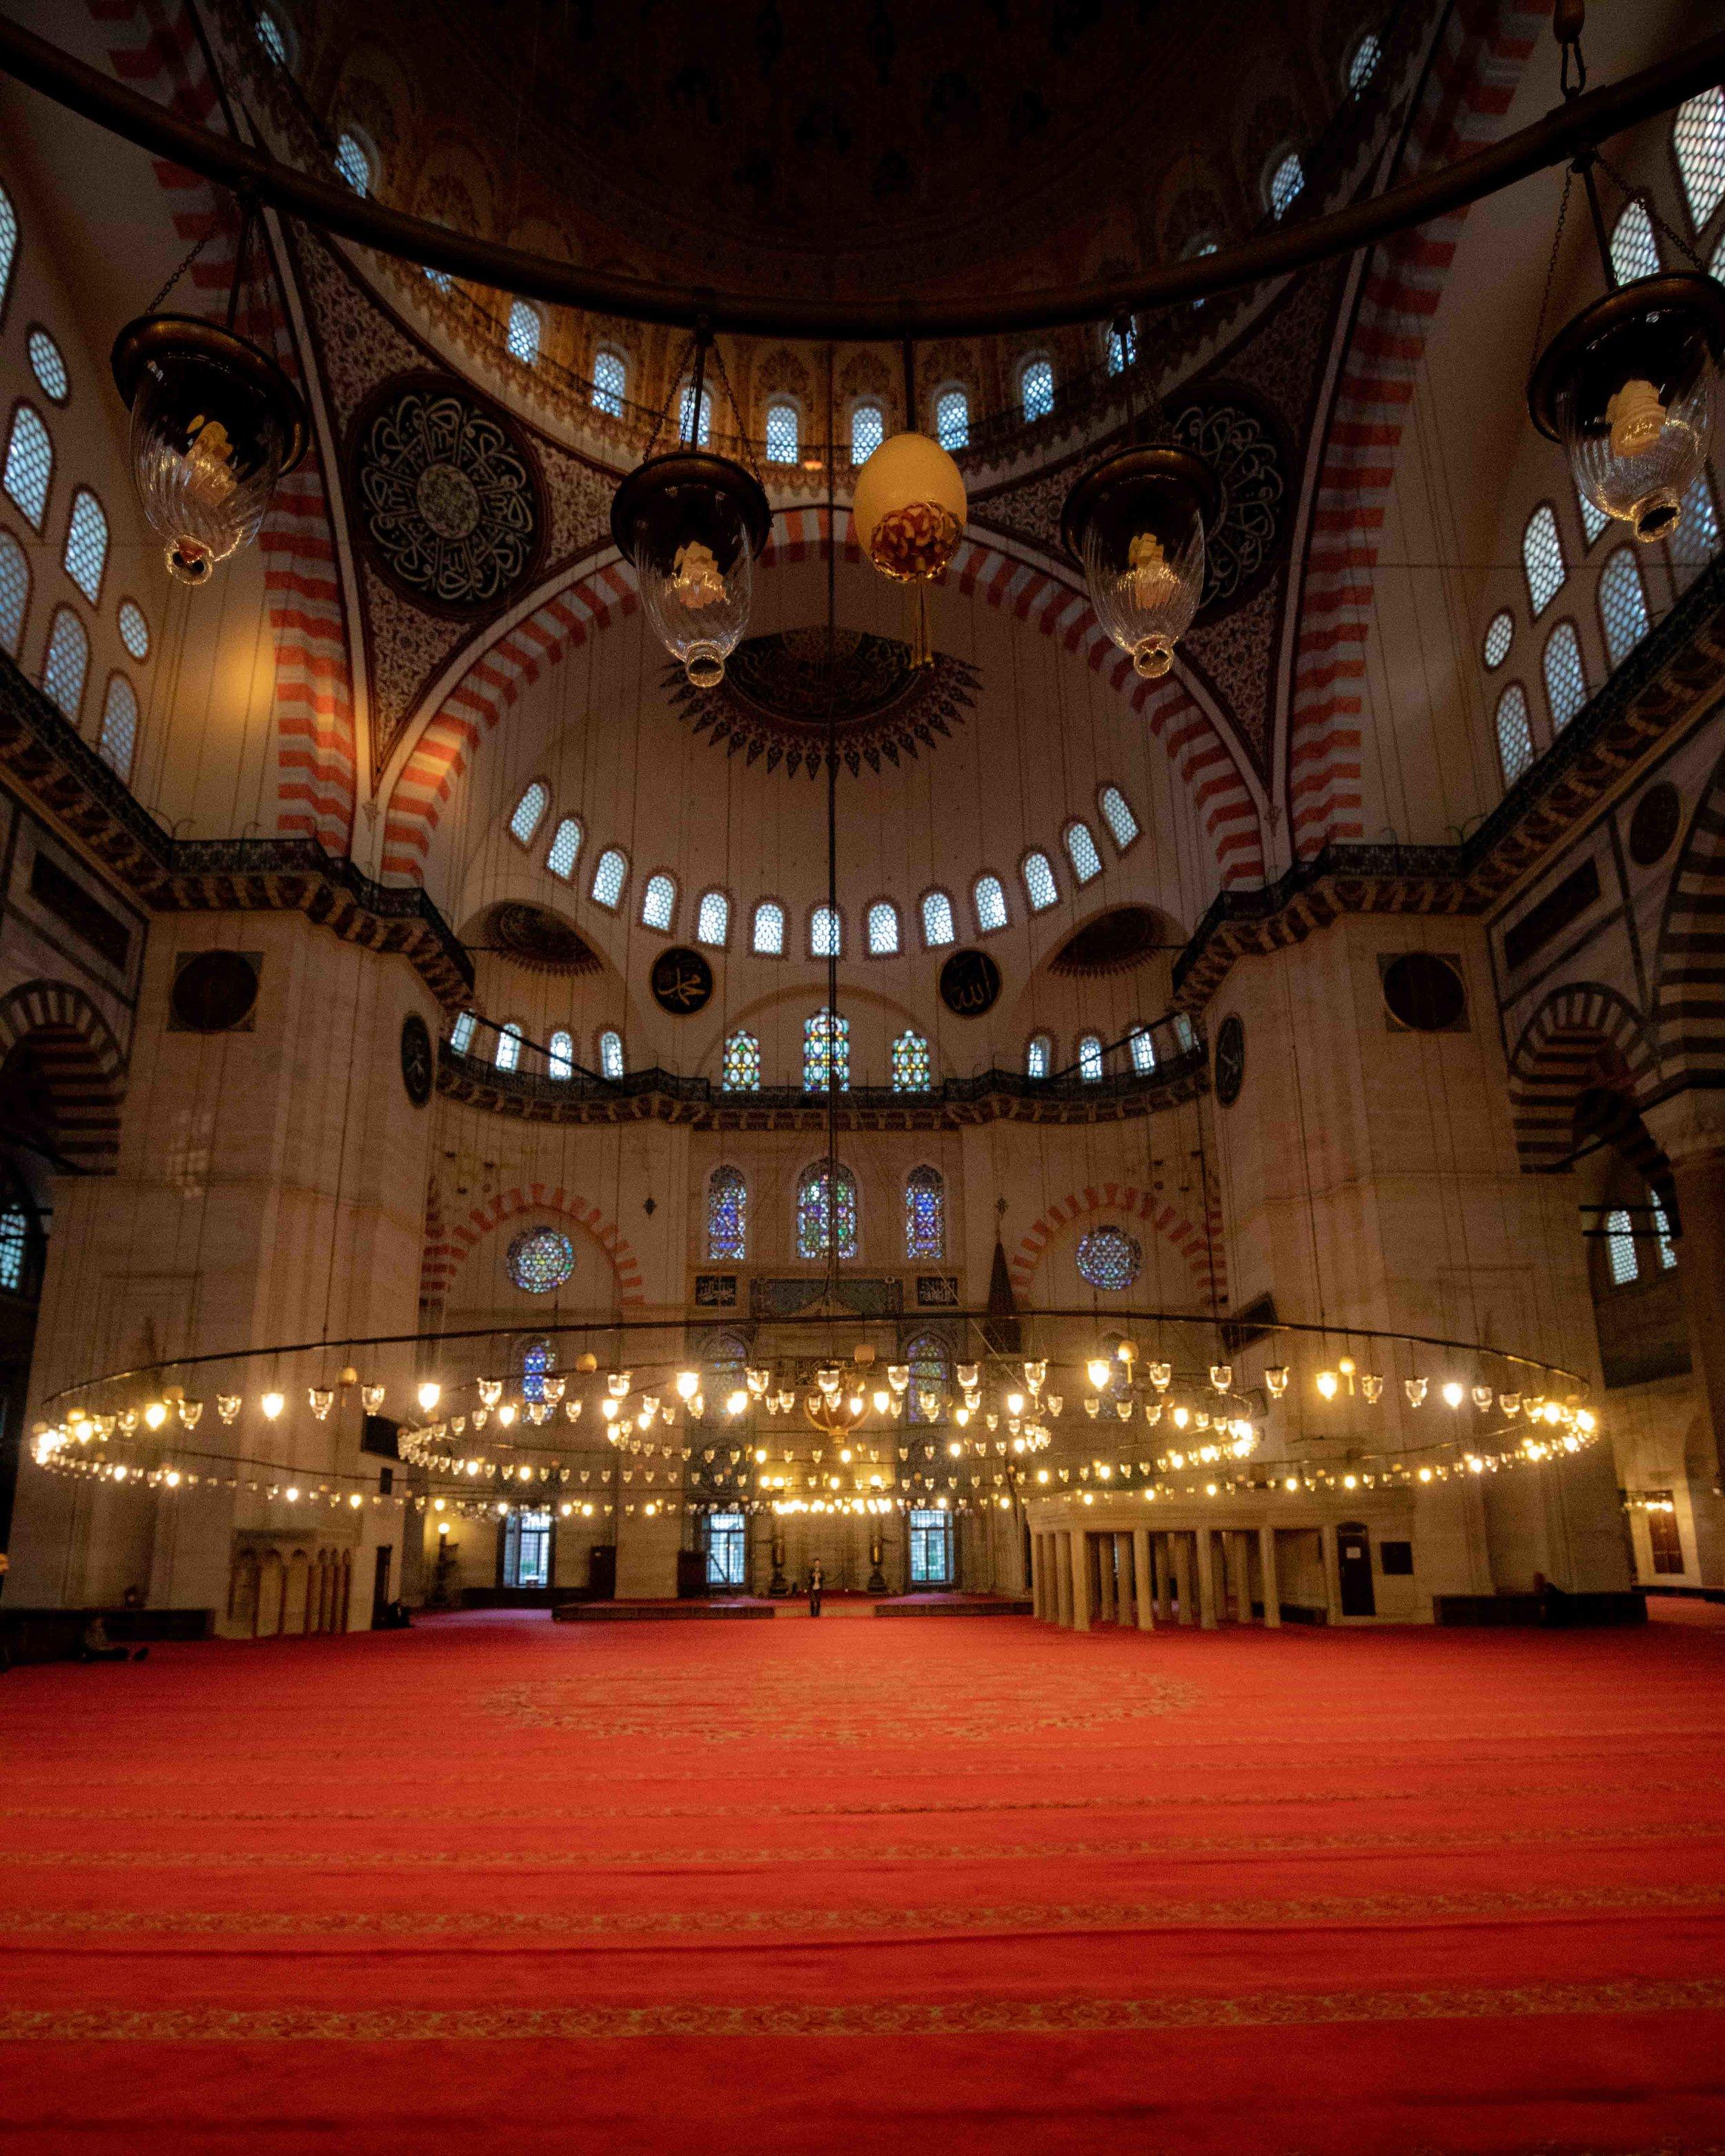 Turkey in Ramadan - Suleymaniye Mosque